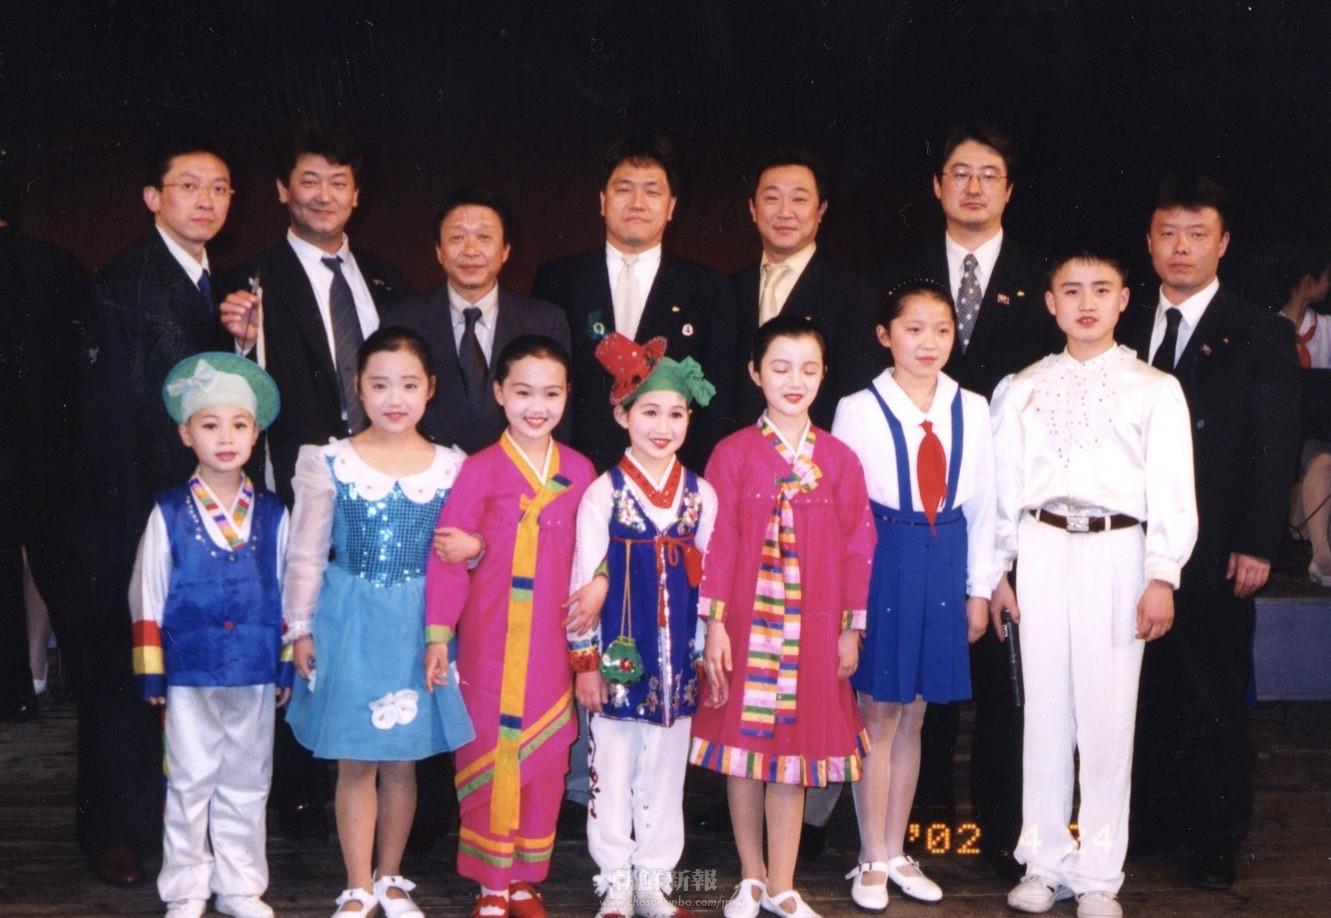 〈青商会、挑戦と継承の足跡〉Ep.5 ピョンコマ公演の実現へ(2)/学生少年らの姿に成功を確信